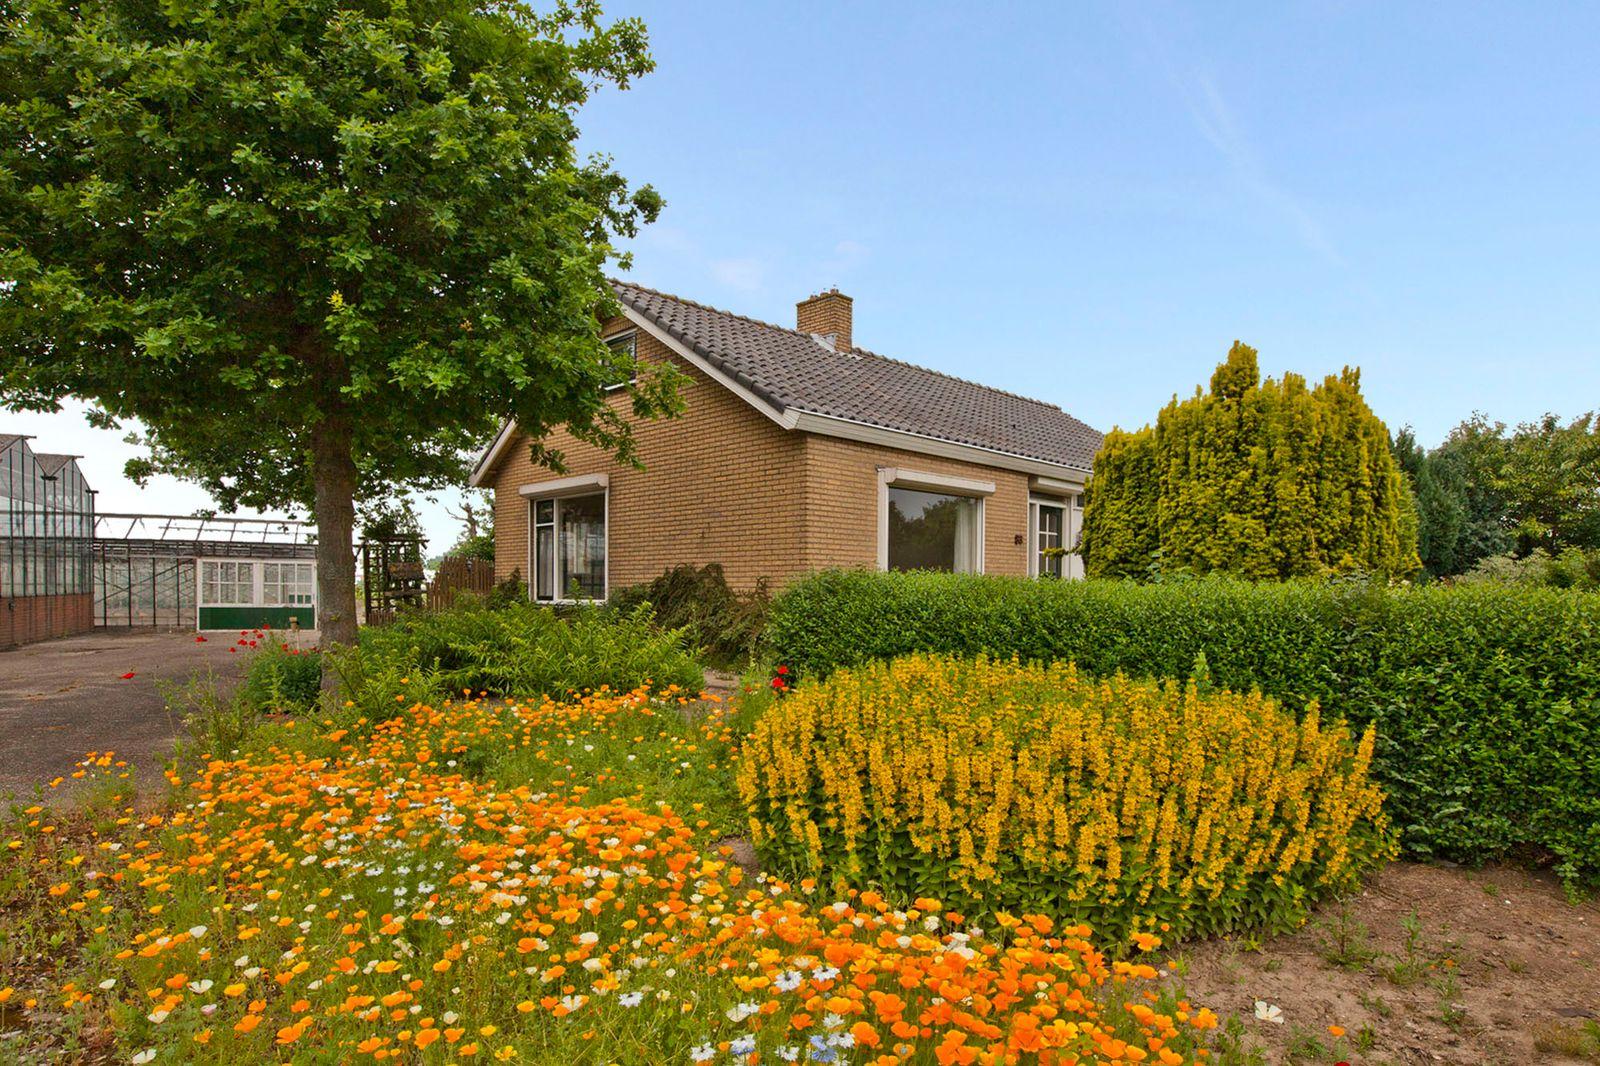 Oud Bonaventurasedijk 83, Maasdam